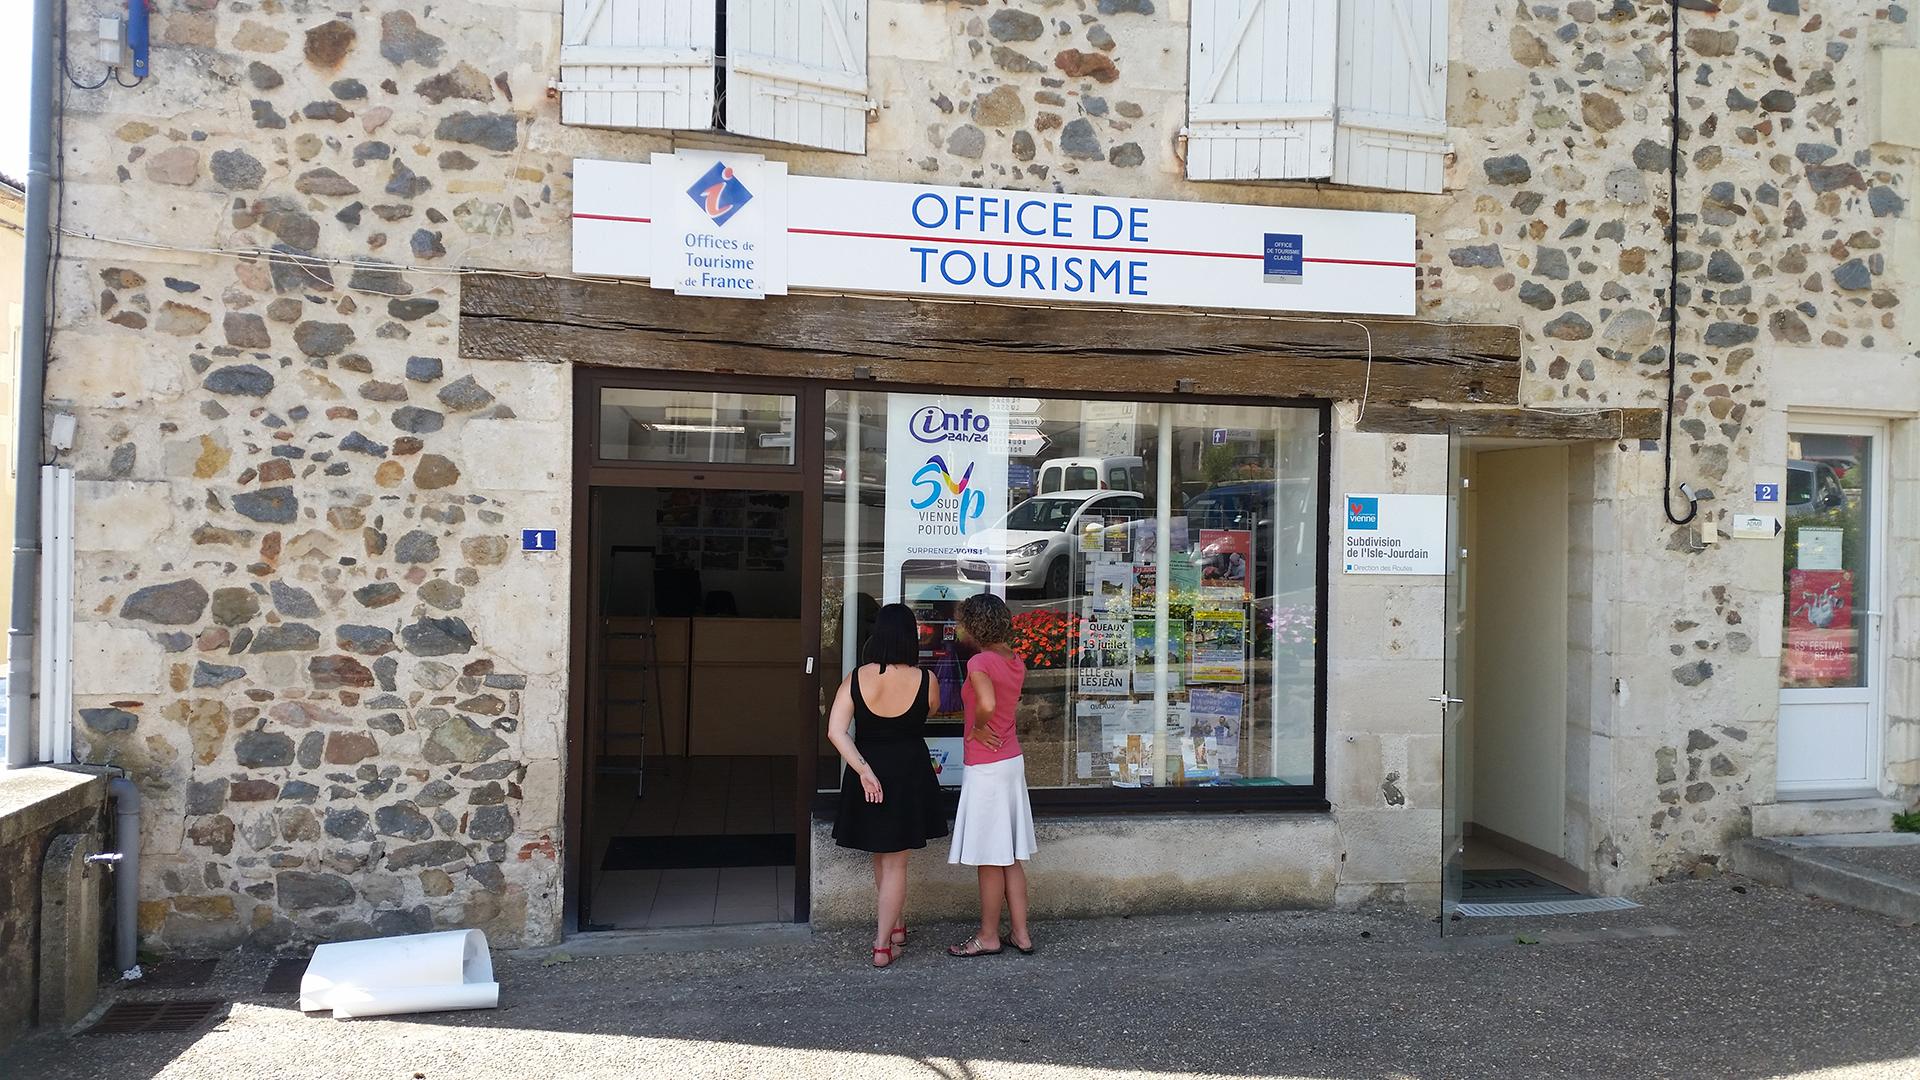 Bornes vitrines dans le département de la Vienne